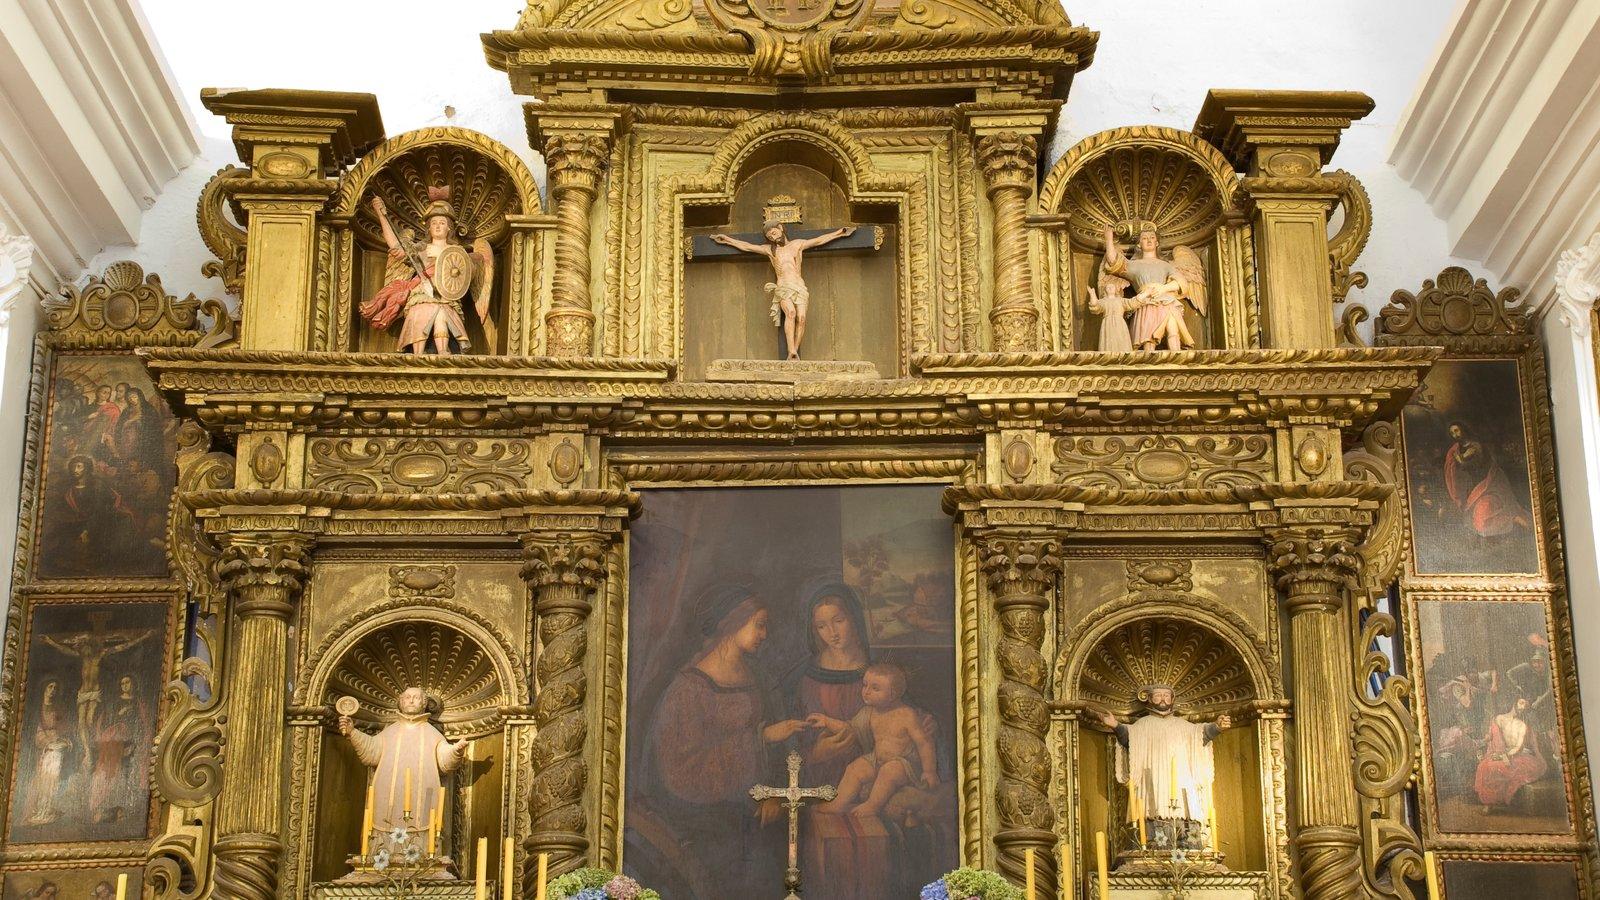 Cordoba que inclui aspectos religiosos, vistas internas e arquitetura de patrimônio